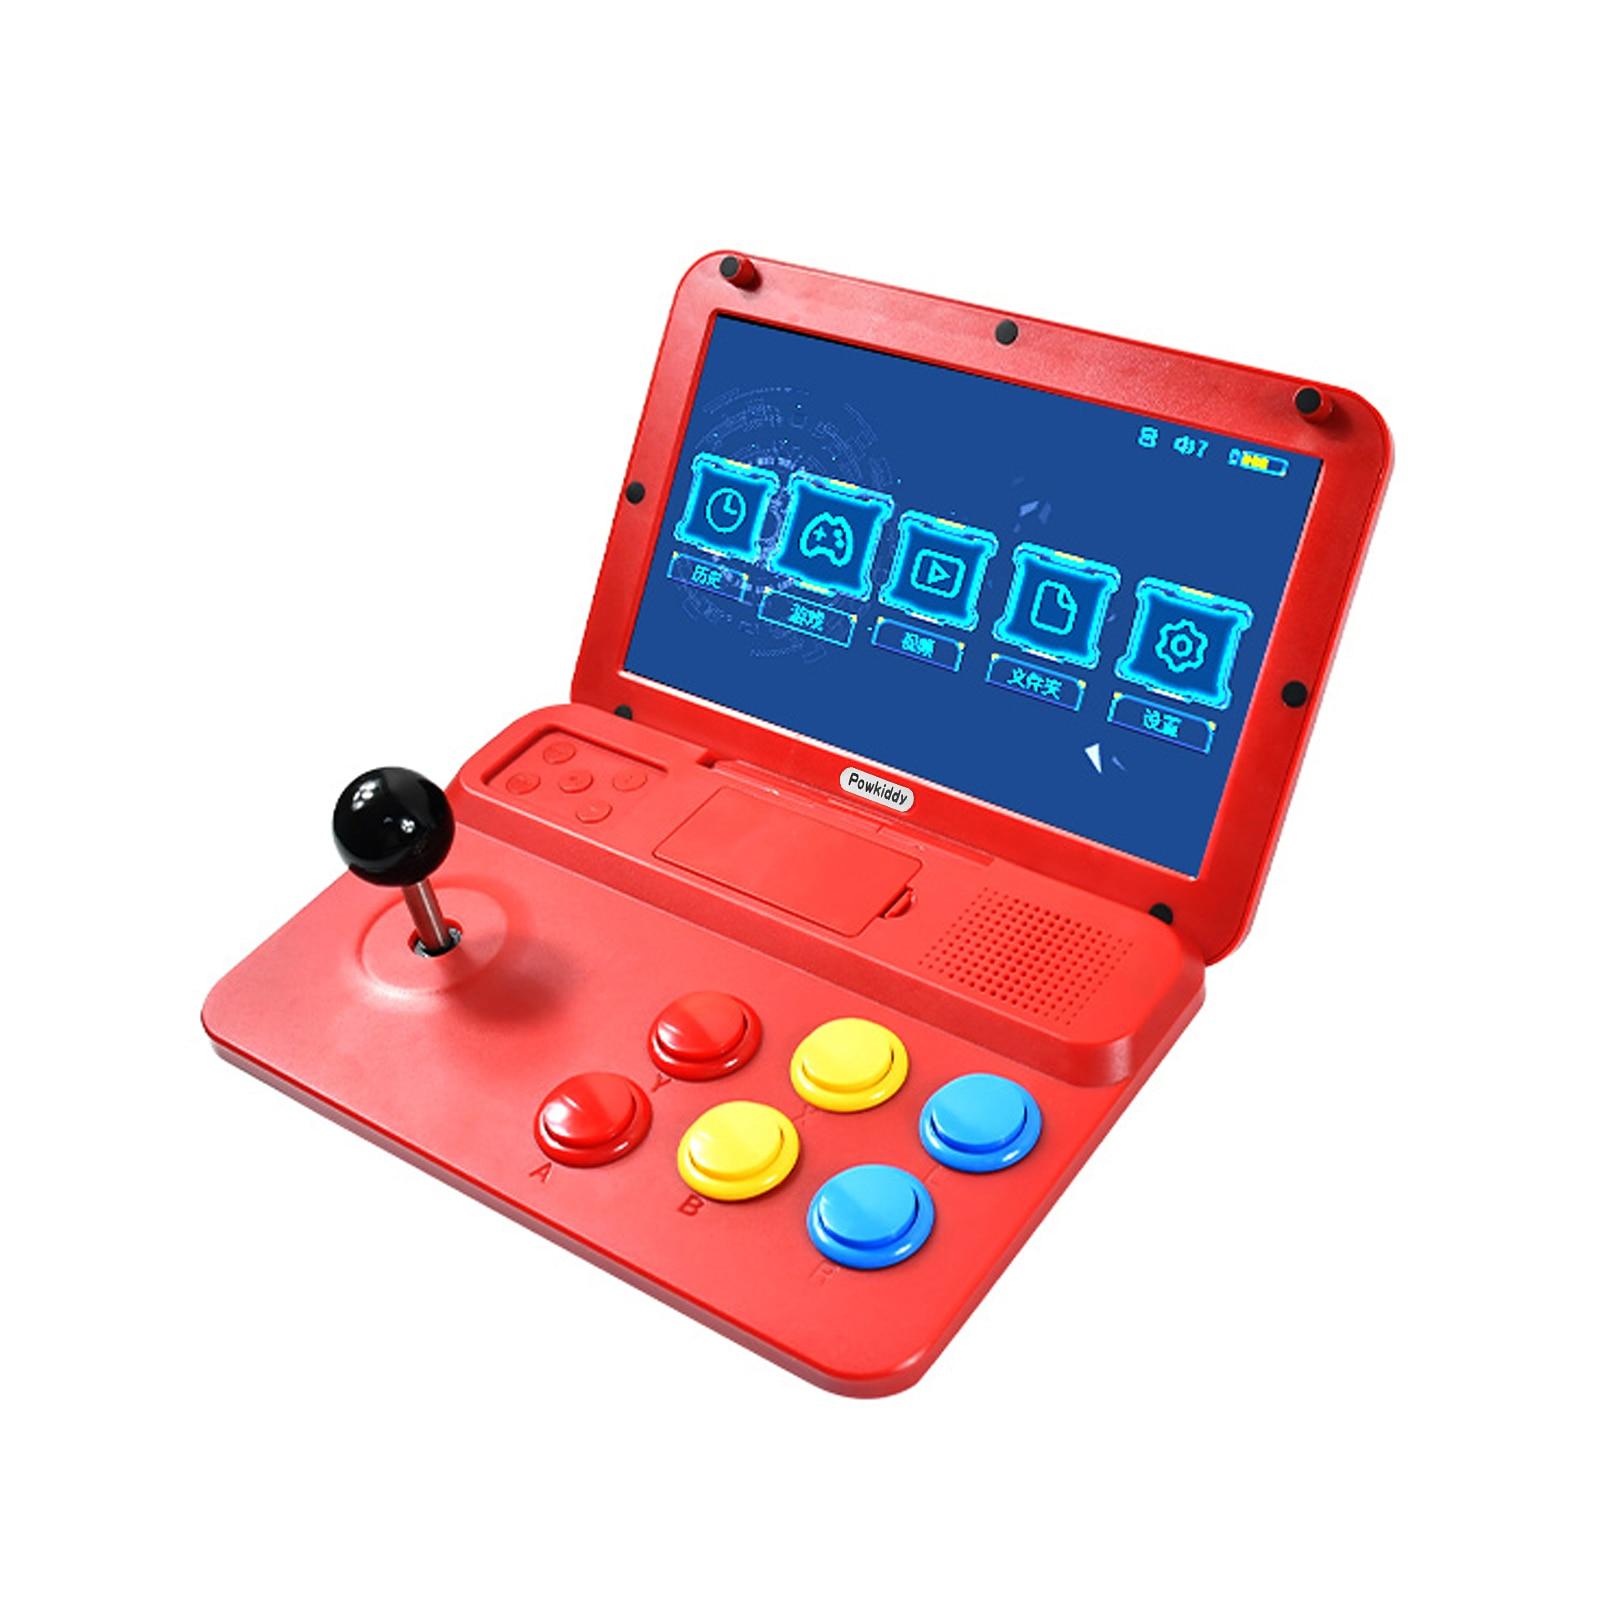 جديد POWKIDDY A13 10 بوصة عصا التحكم ممر A7 العمارة رباعية النواة وحدة المعالجة المركزية محاكاة لعبة فيديو وحدة التحكم لعبة جديدة للأطفال هدية